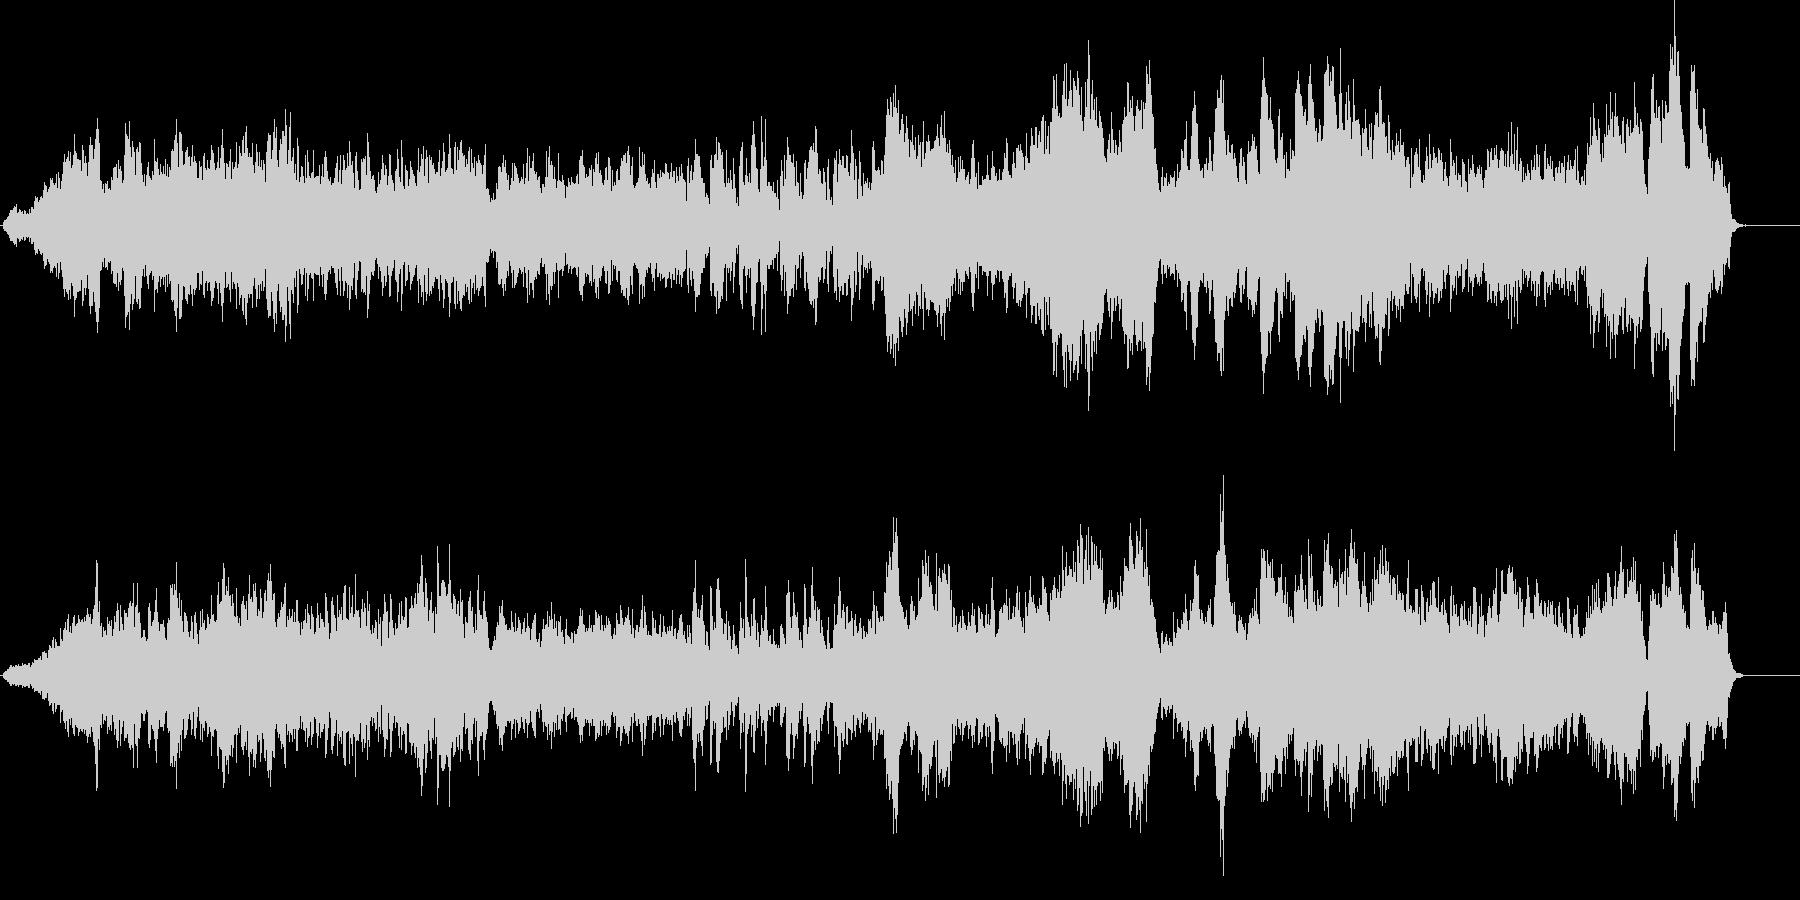 ショパンワルツOp.42のカバー曲の未再生の波形